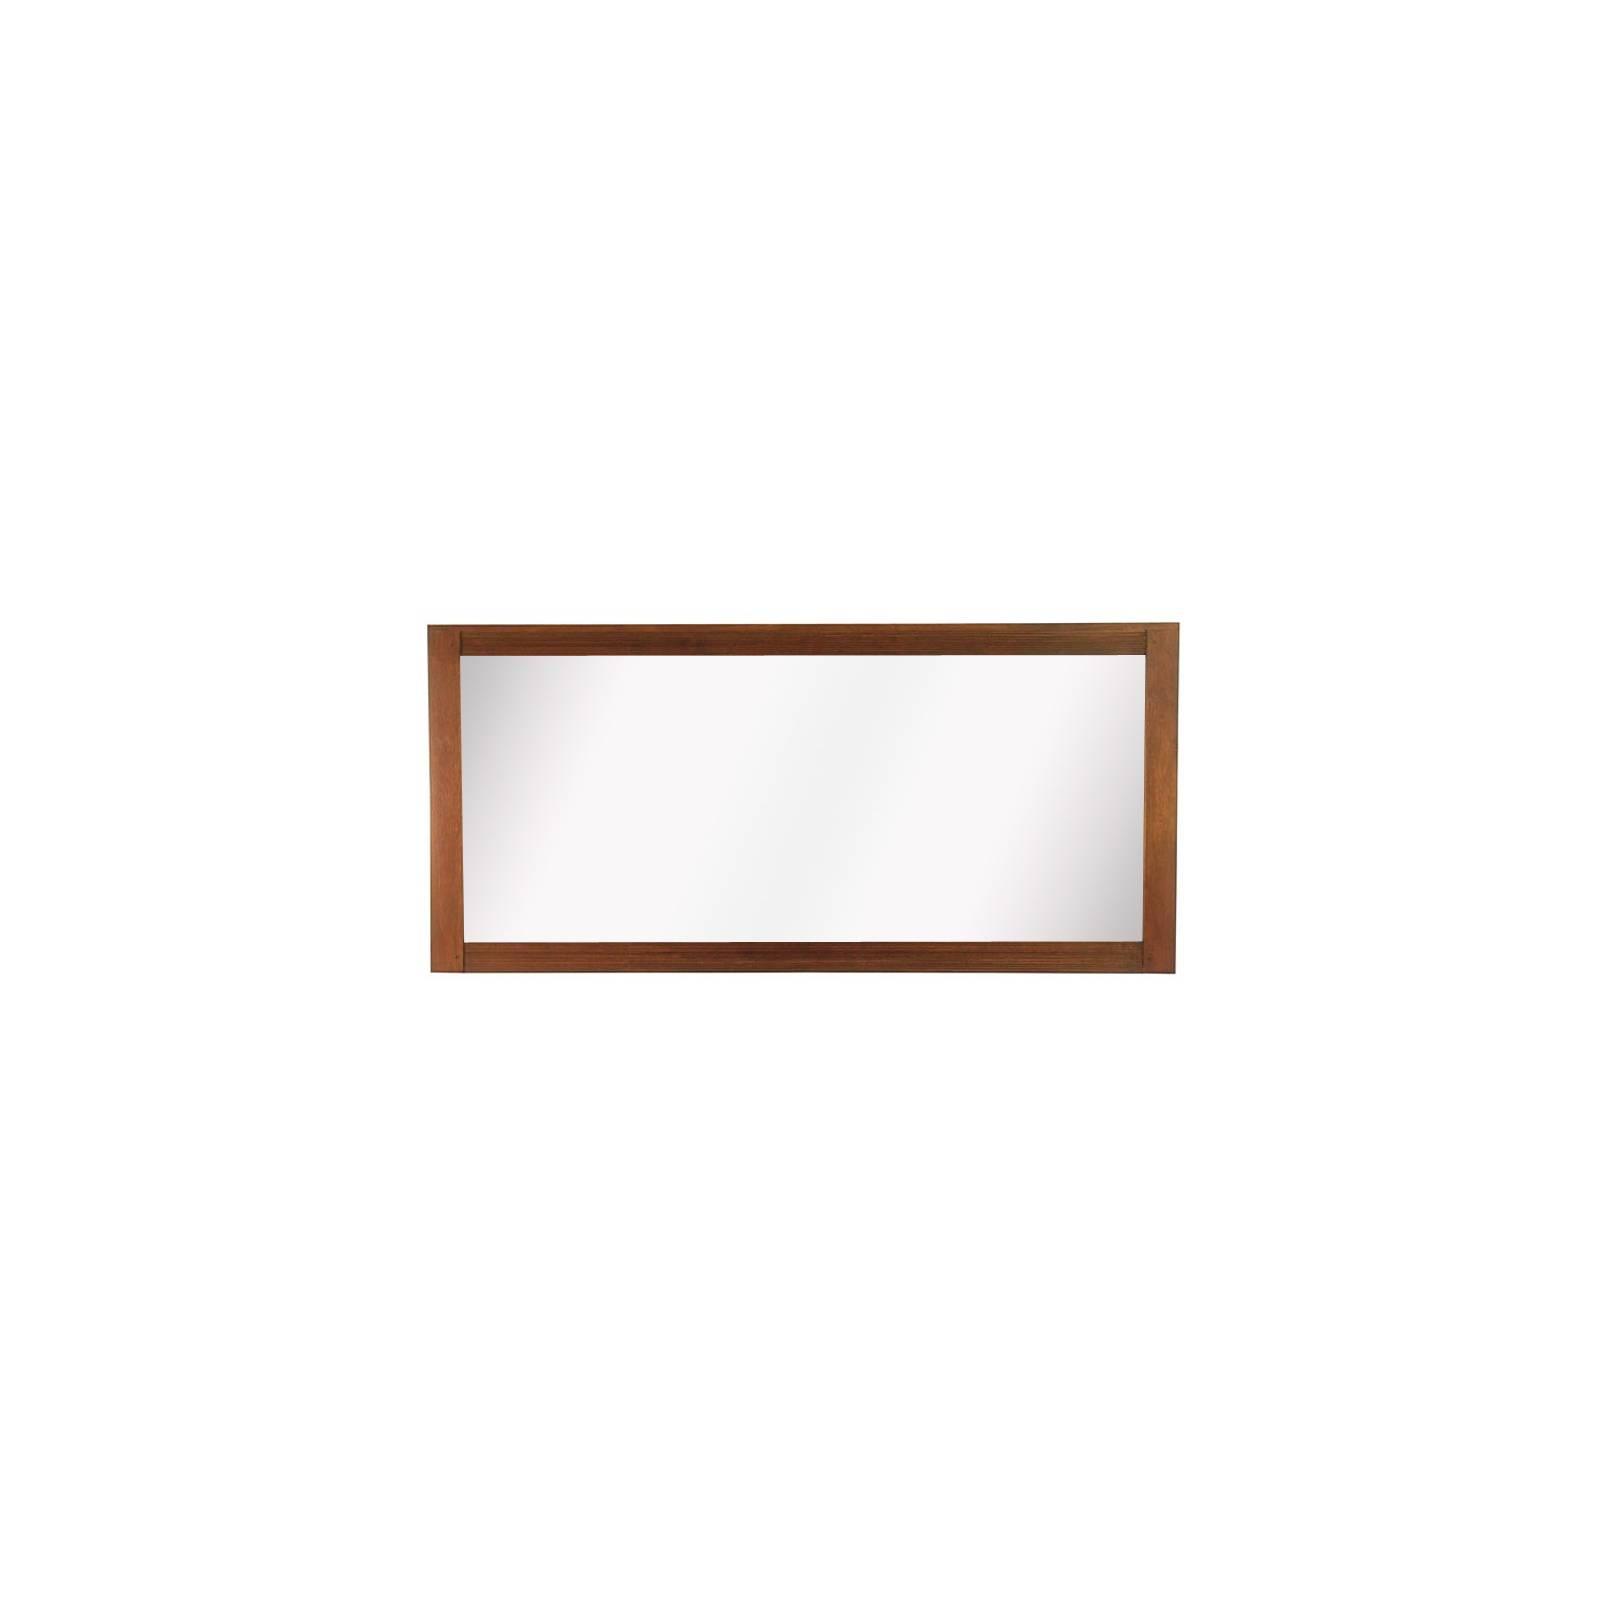 Miroir Siguiri Hévéa - meuble colonial